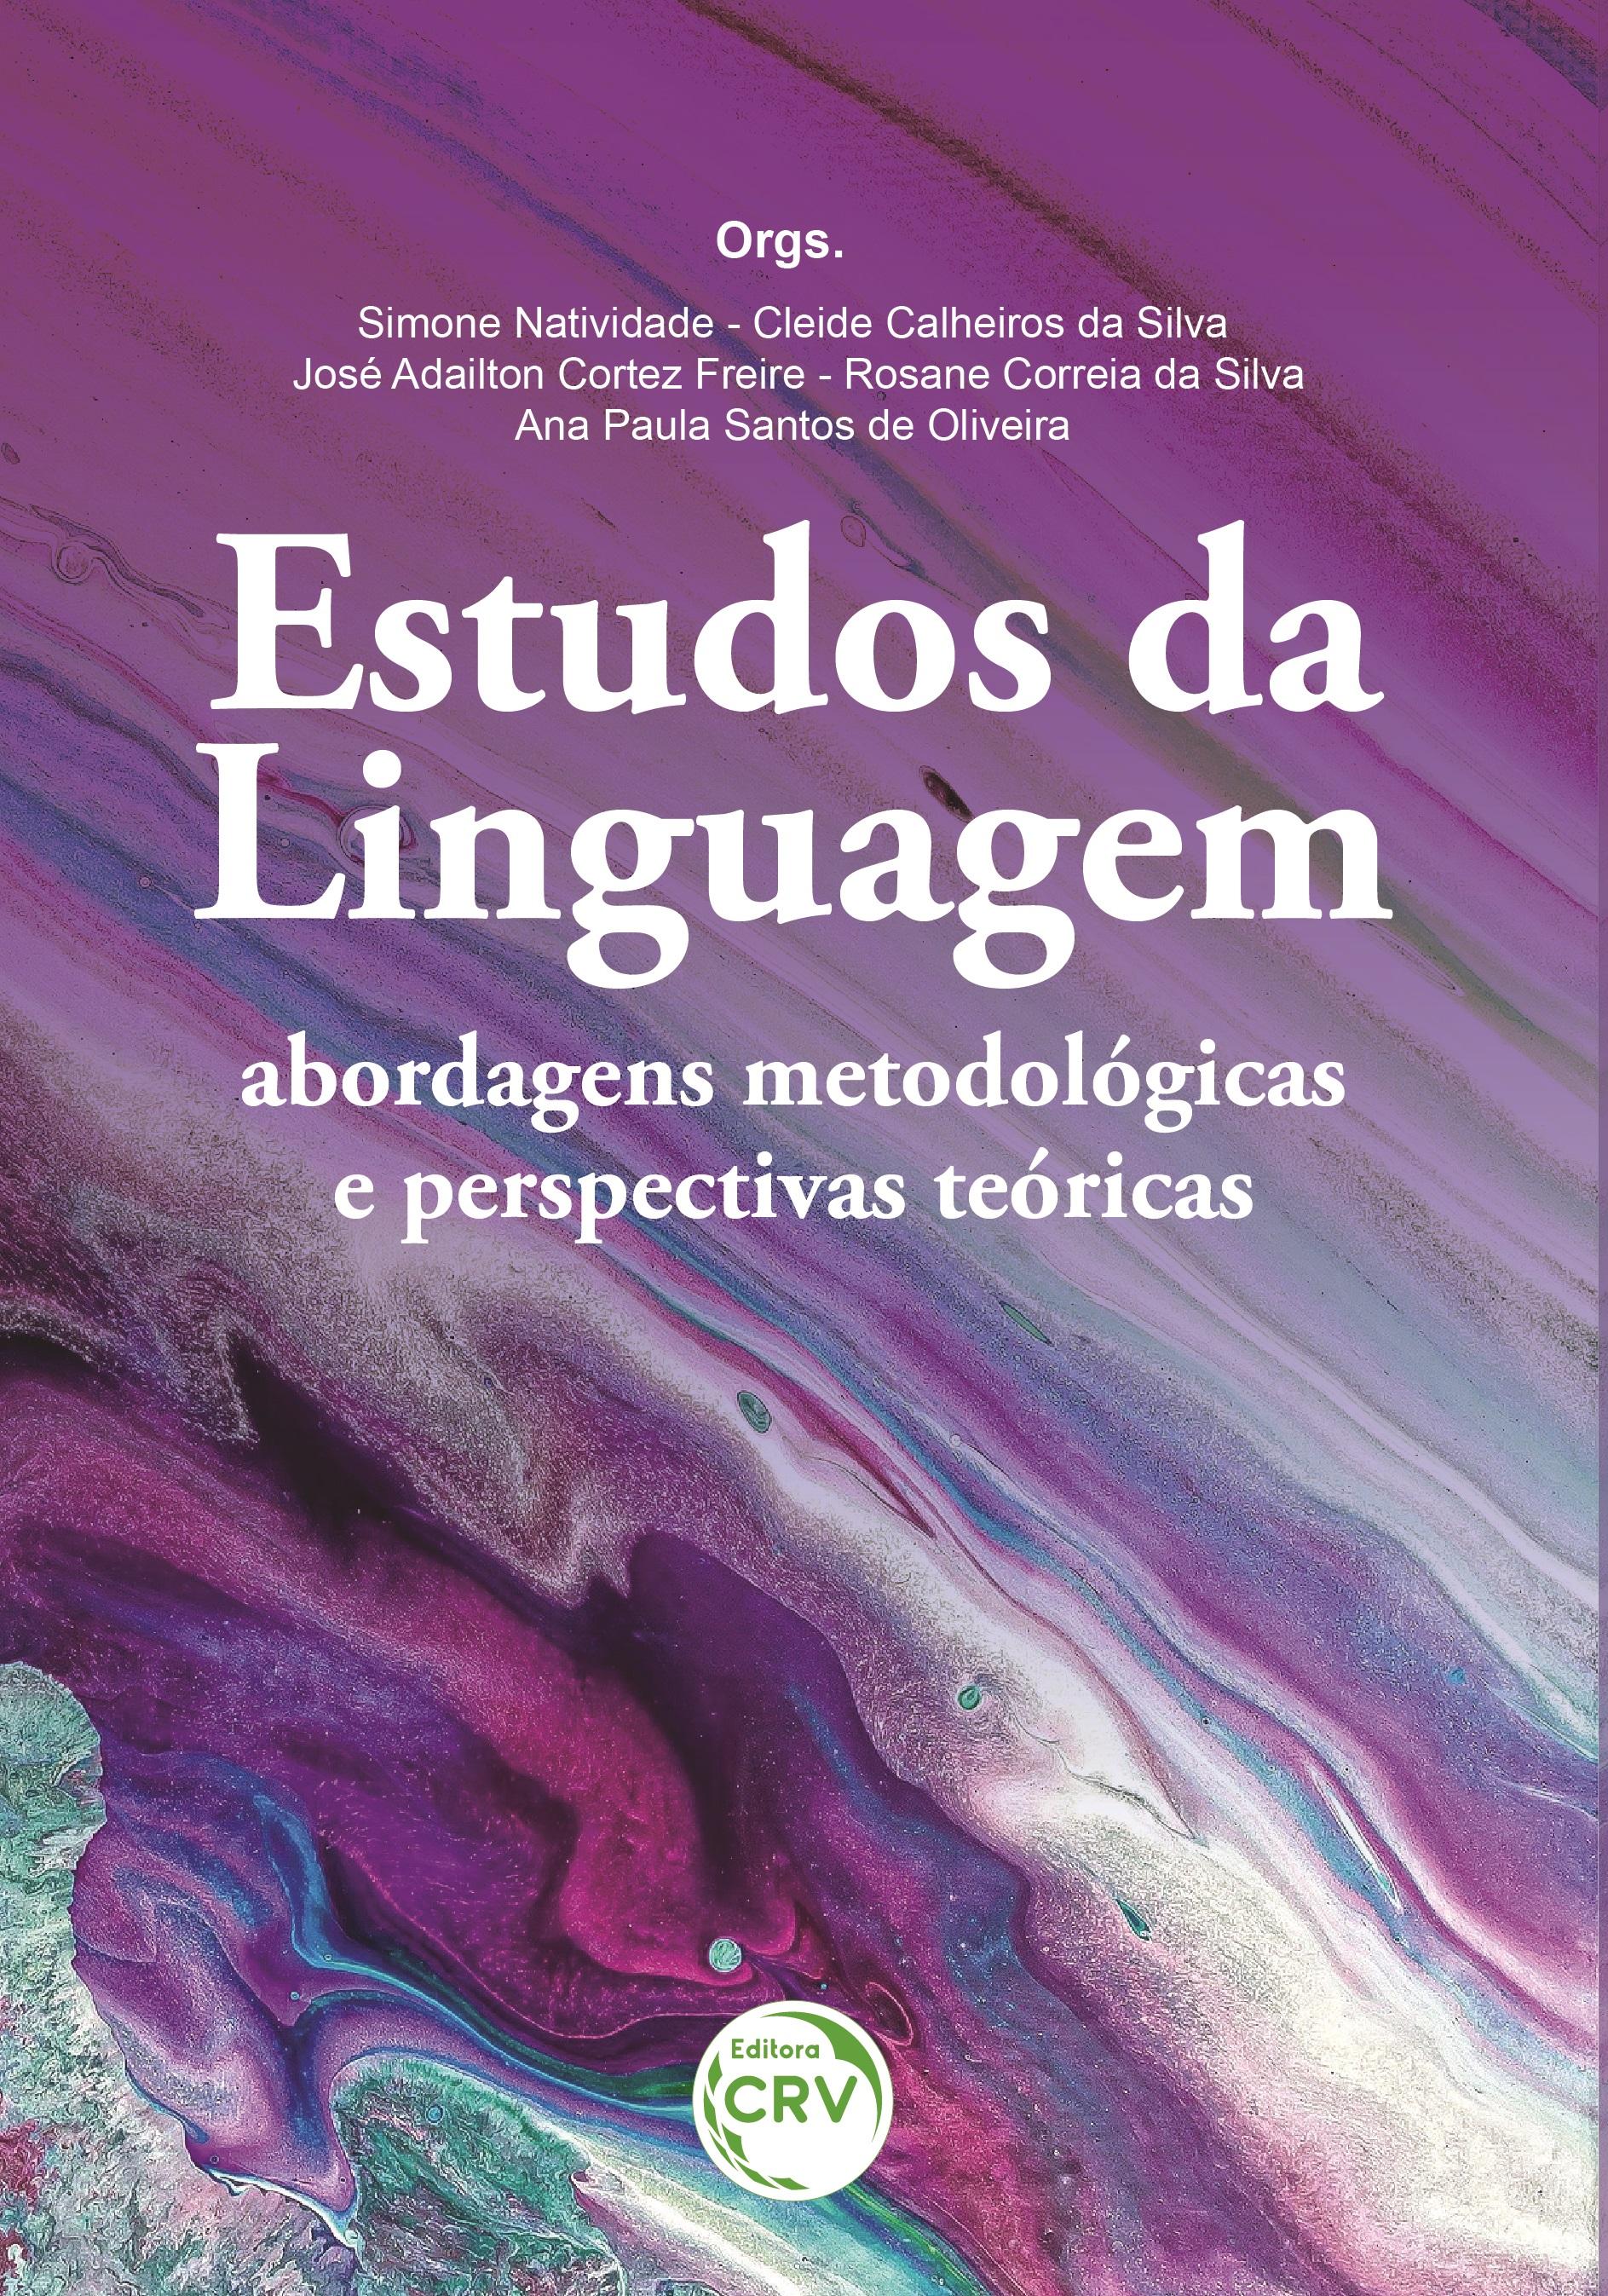 Capa do livro: ESTUDOS DA LINGUAGEM: <br> abordagens metodológicas e perspectivas teóricas